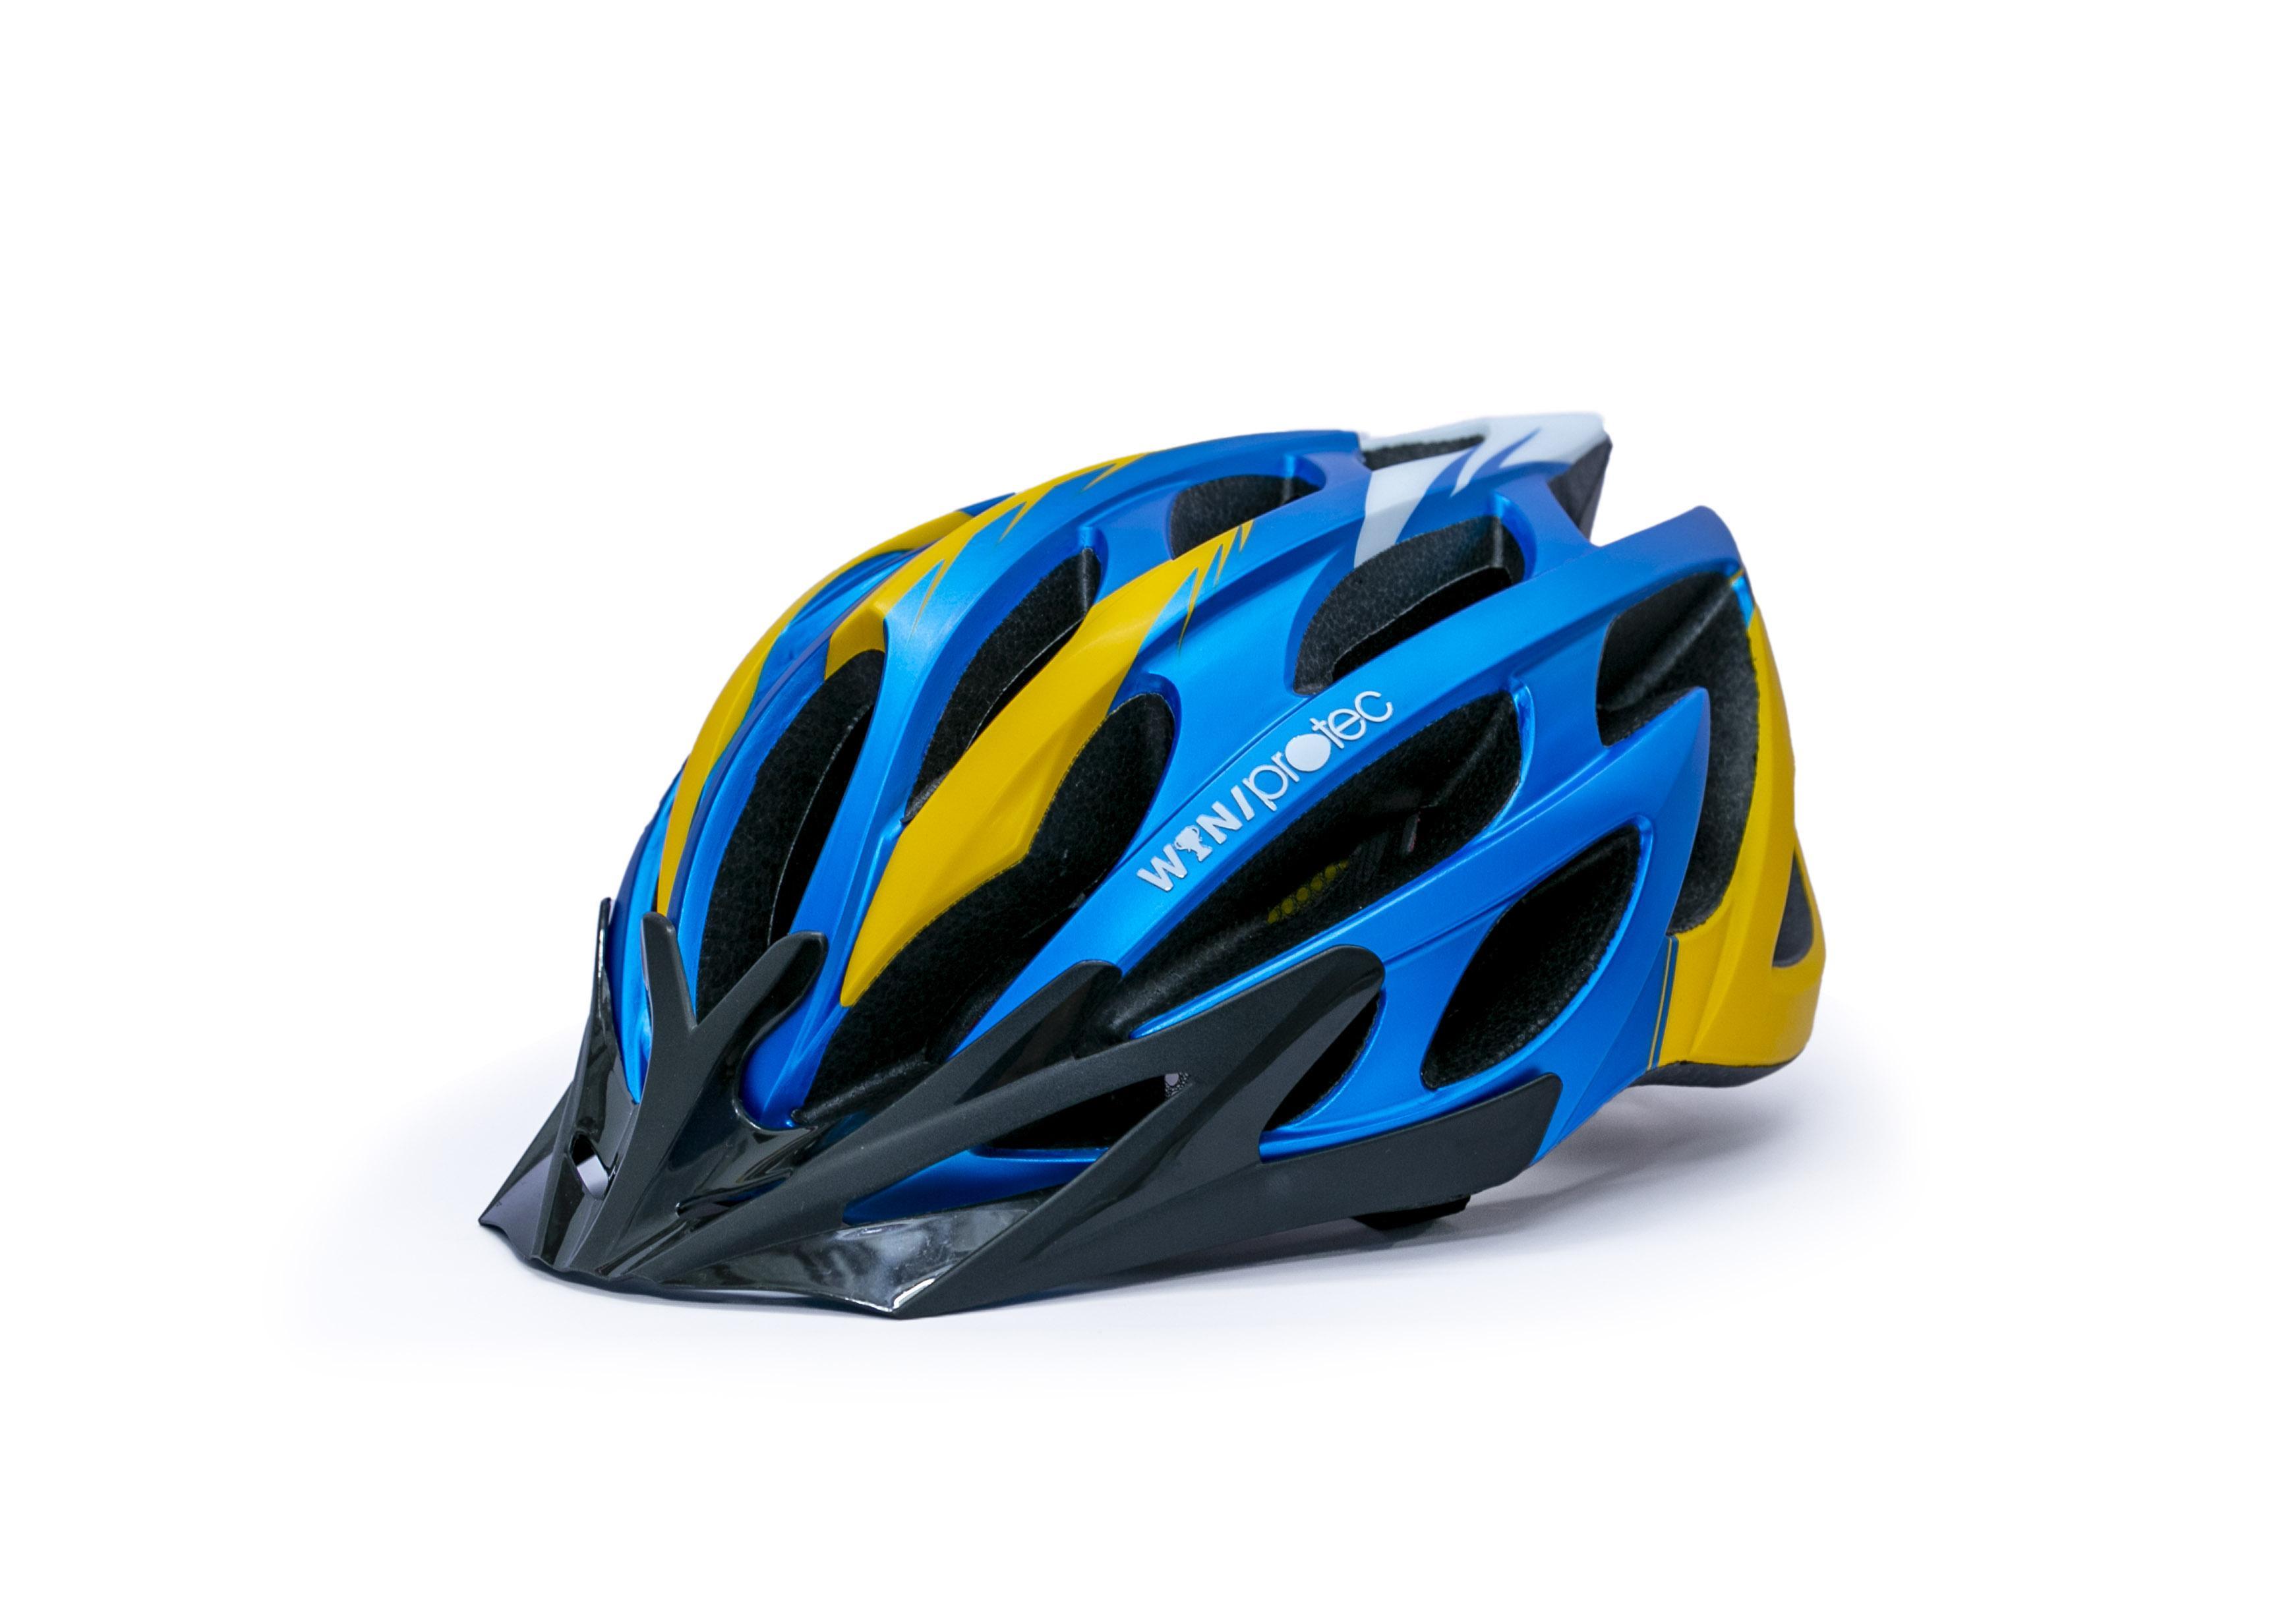 Mũ bảo hiểm xe đạp người lớn Protec